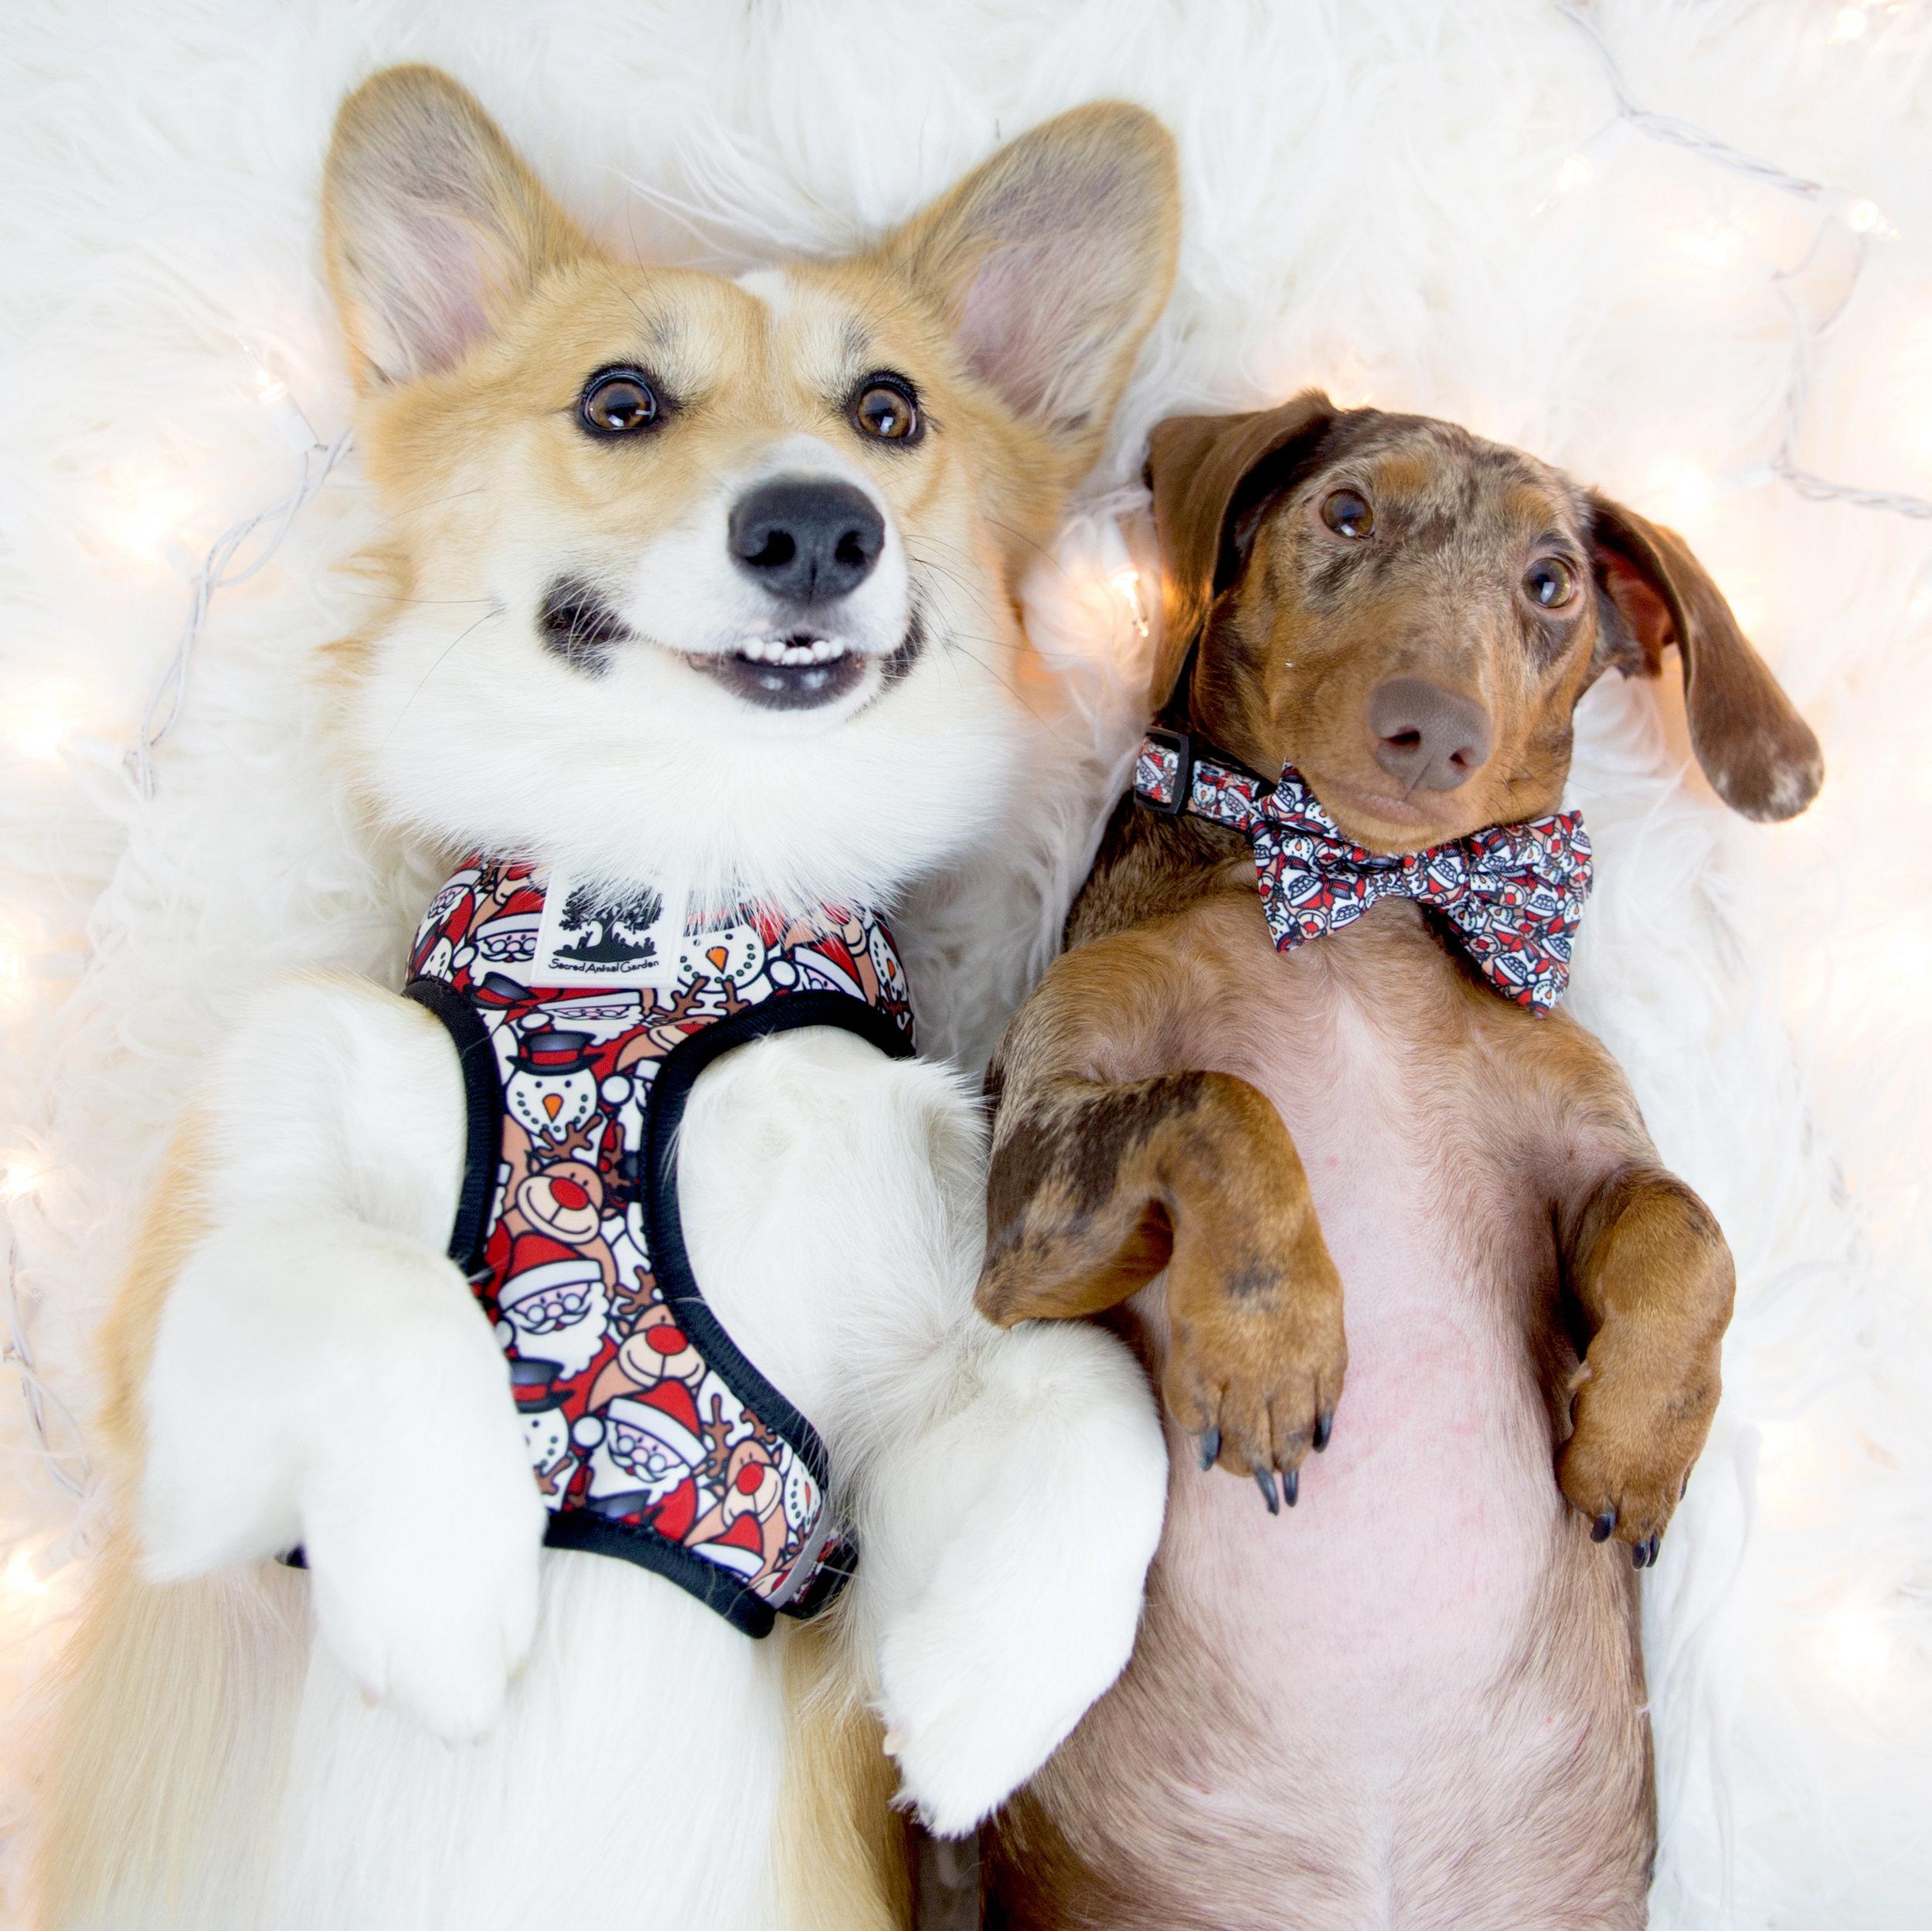 Barkley and Pips on The Dapple: Dog Lifestyle Blog